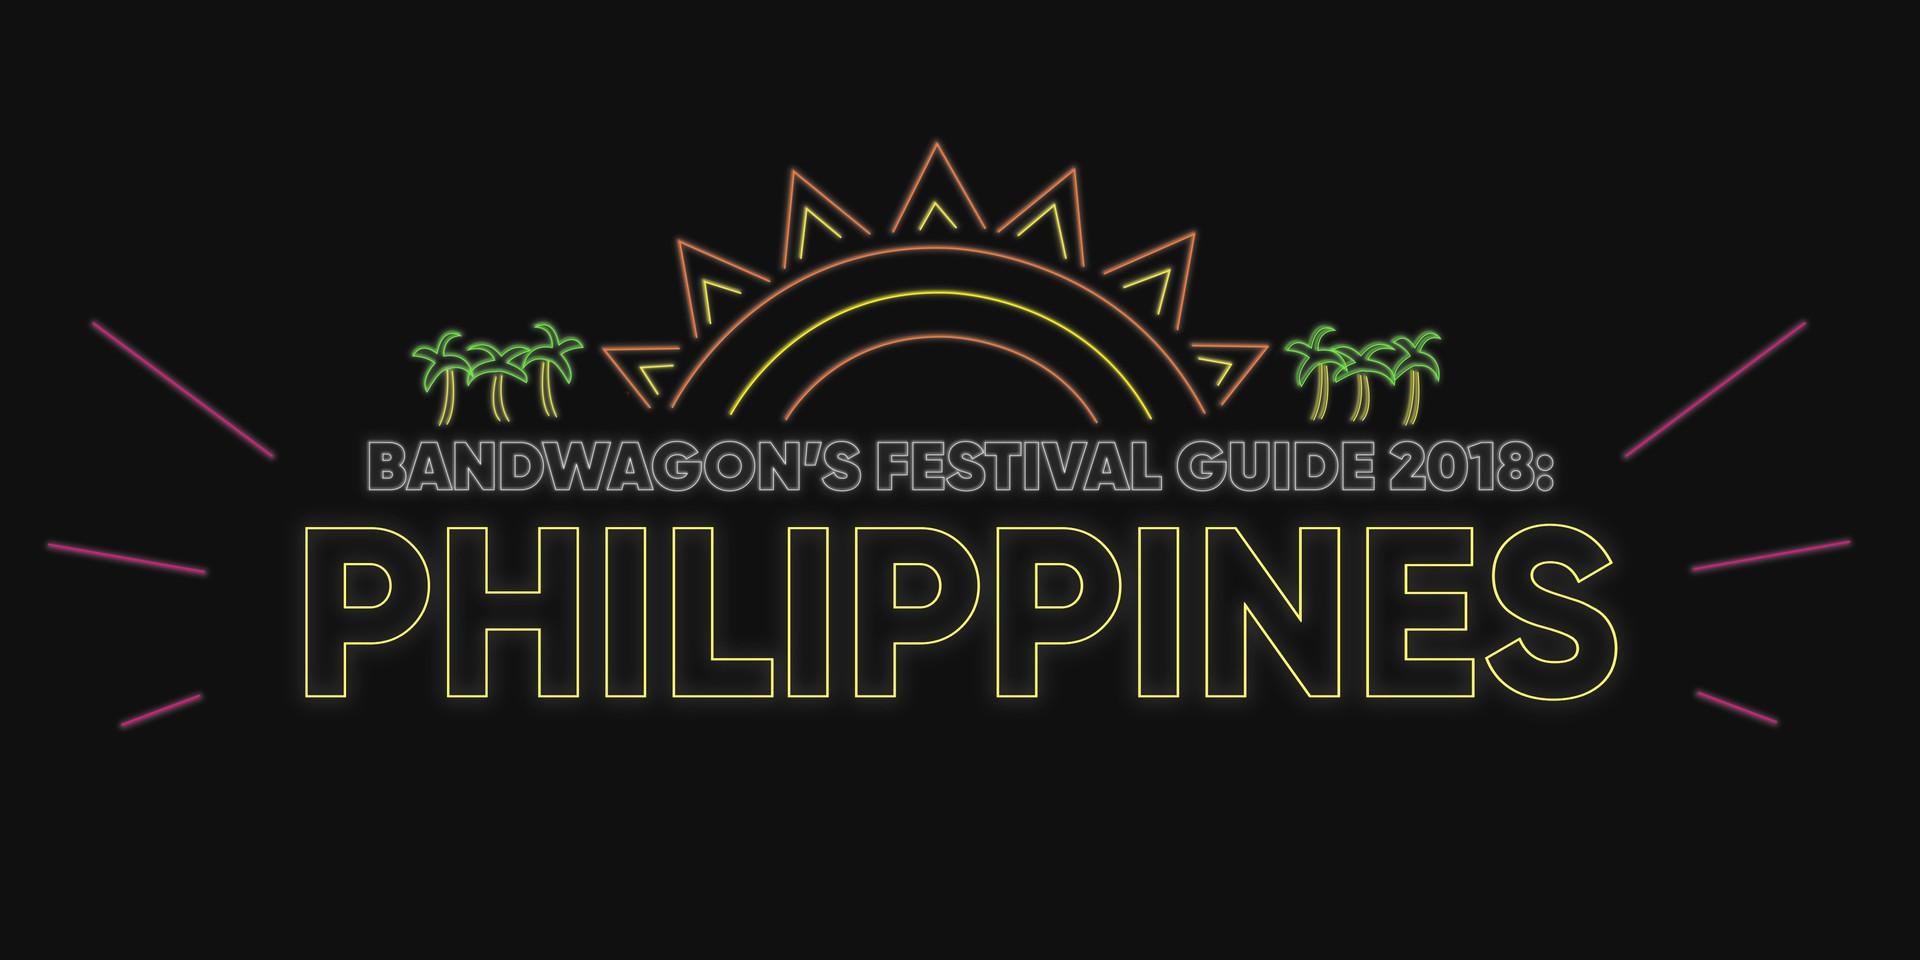 Philippine Music Festivals in 2018